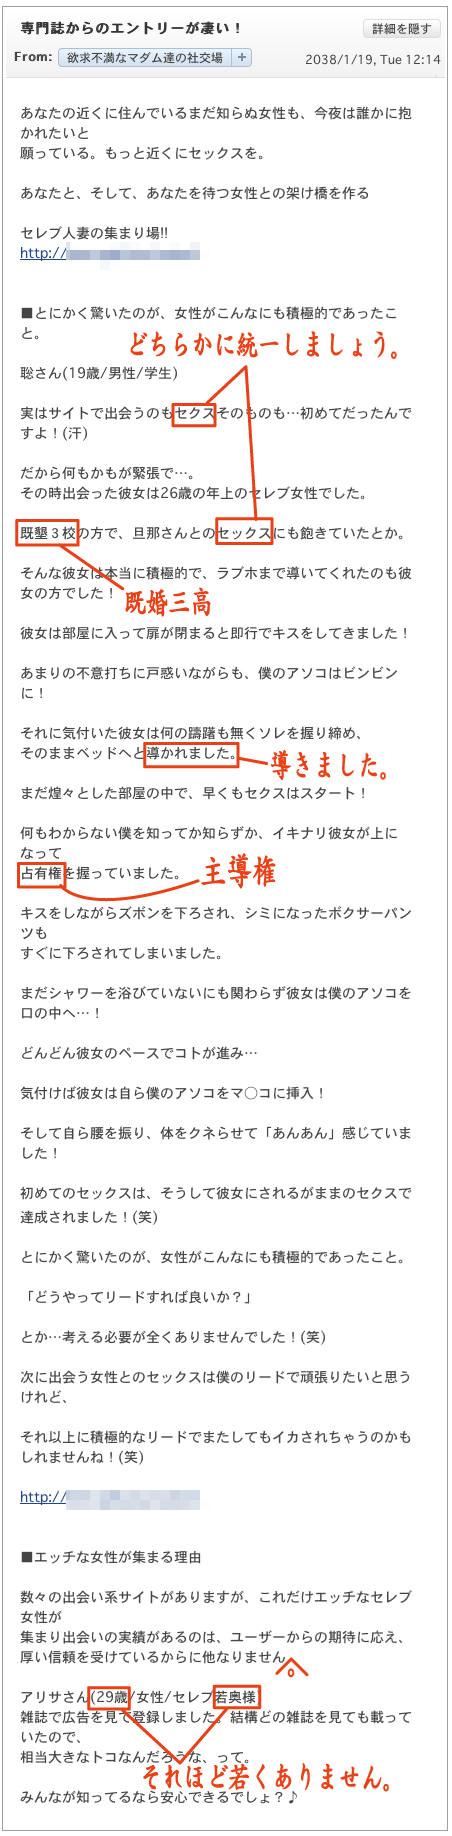 t120403_mini.jpg